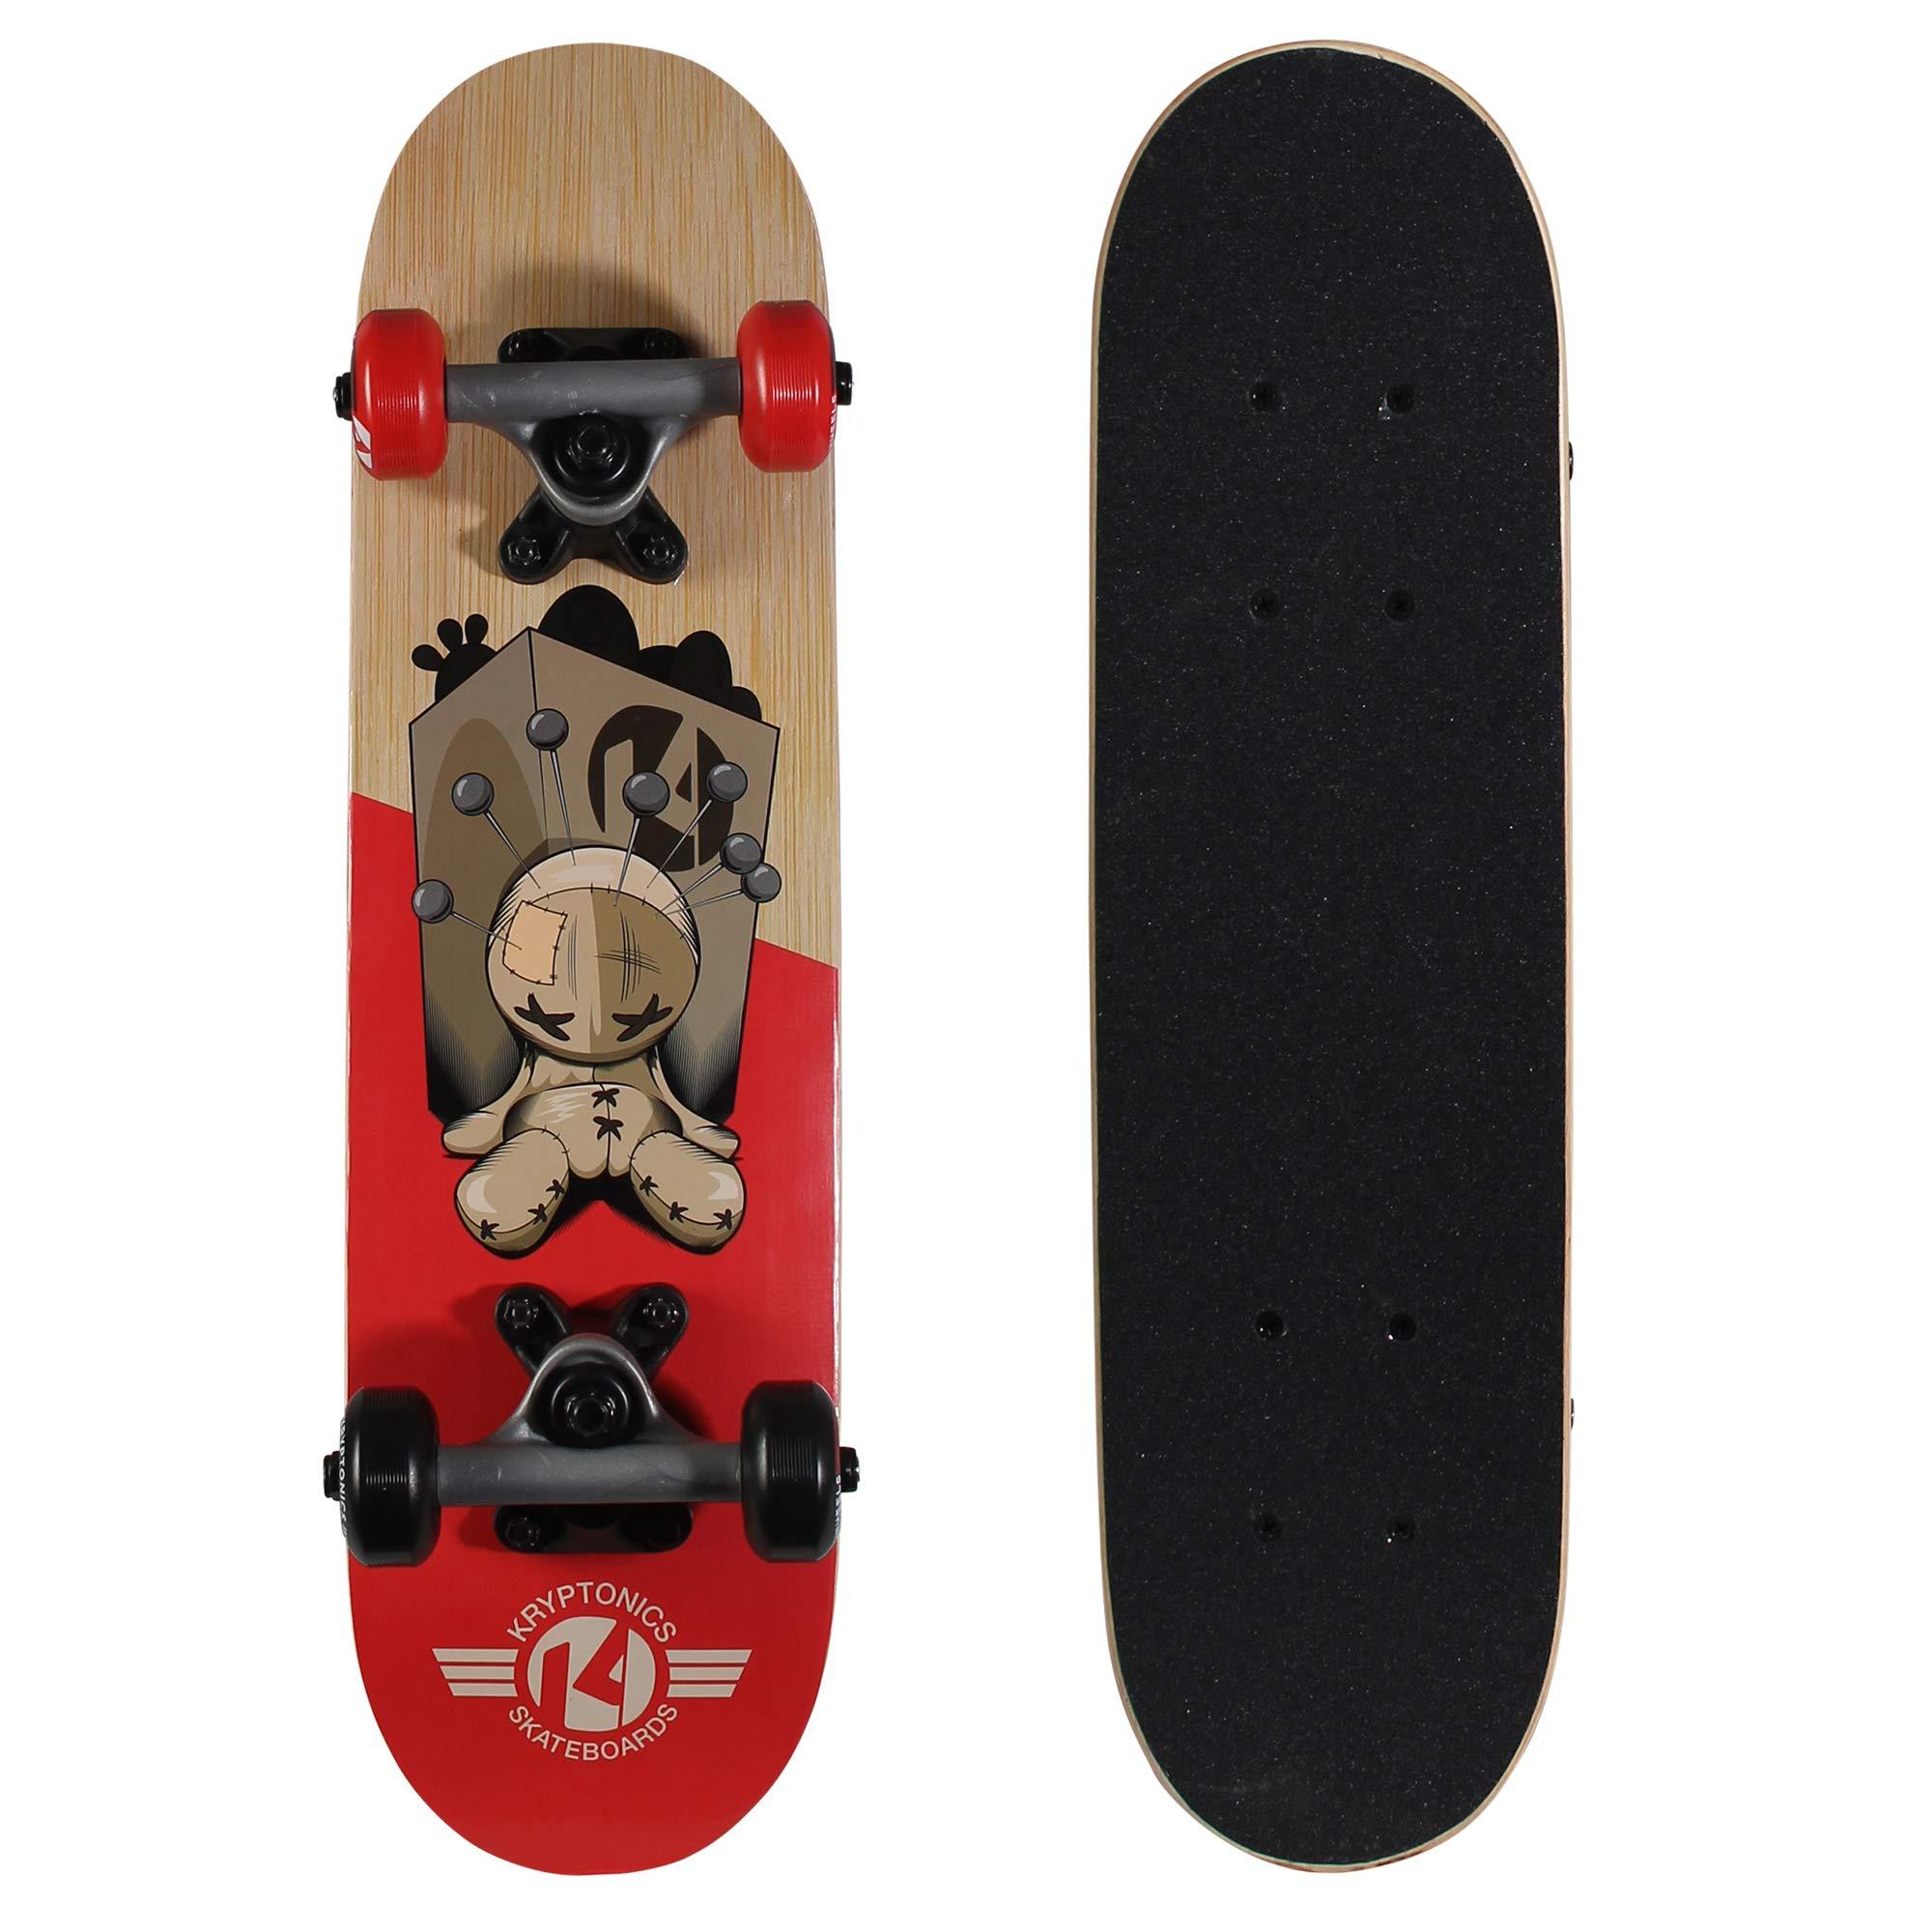 Kryptonics Locker Board 22 Inch Complete Skateboard - Pin-Head